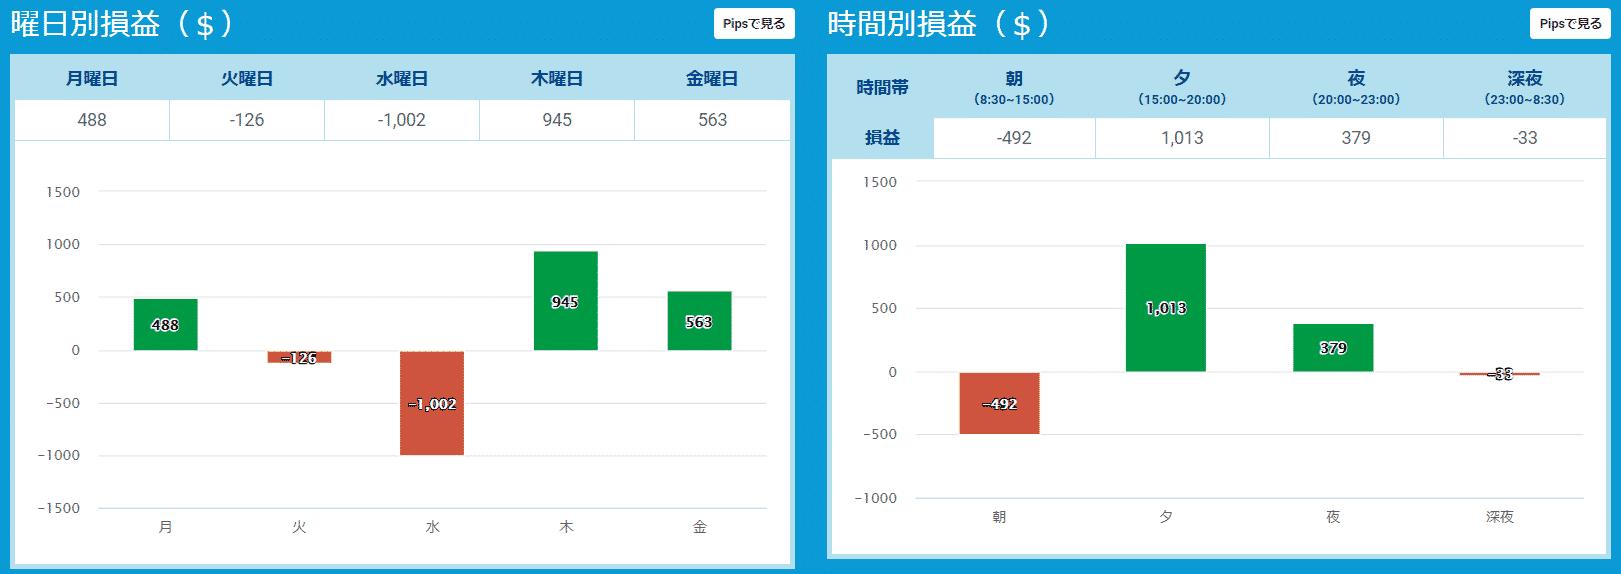 プロップトレーダーチャート2